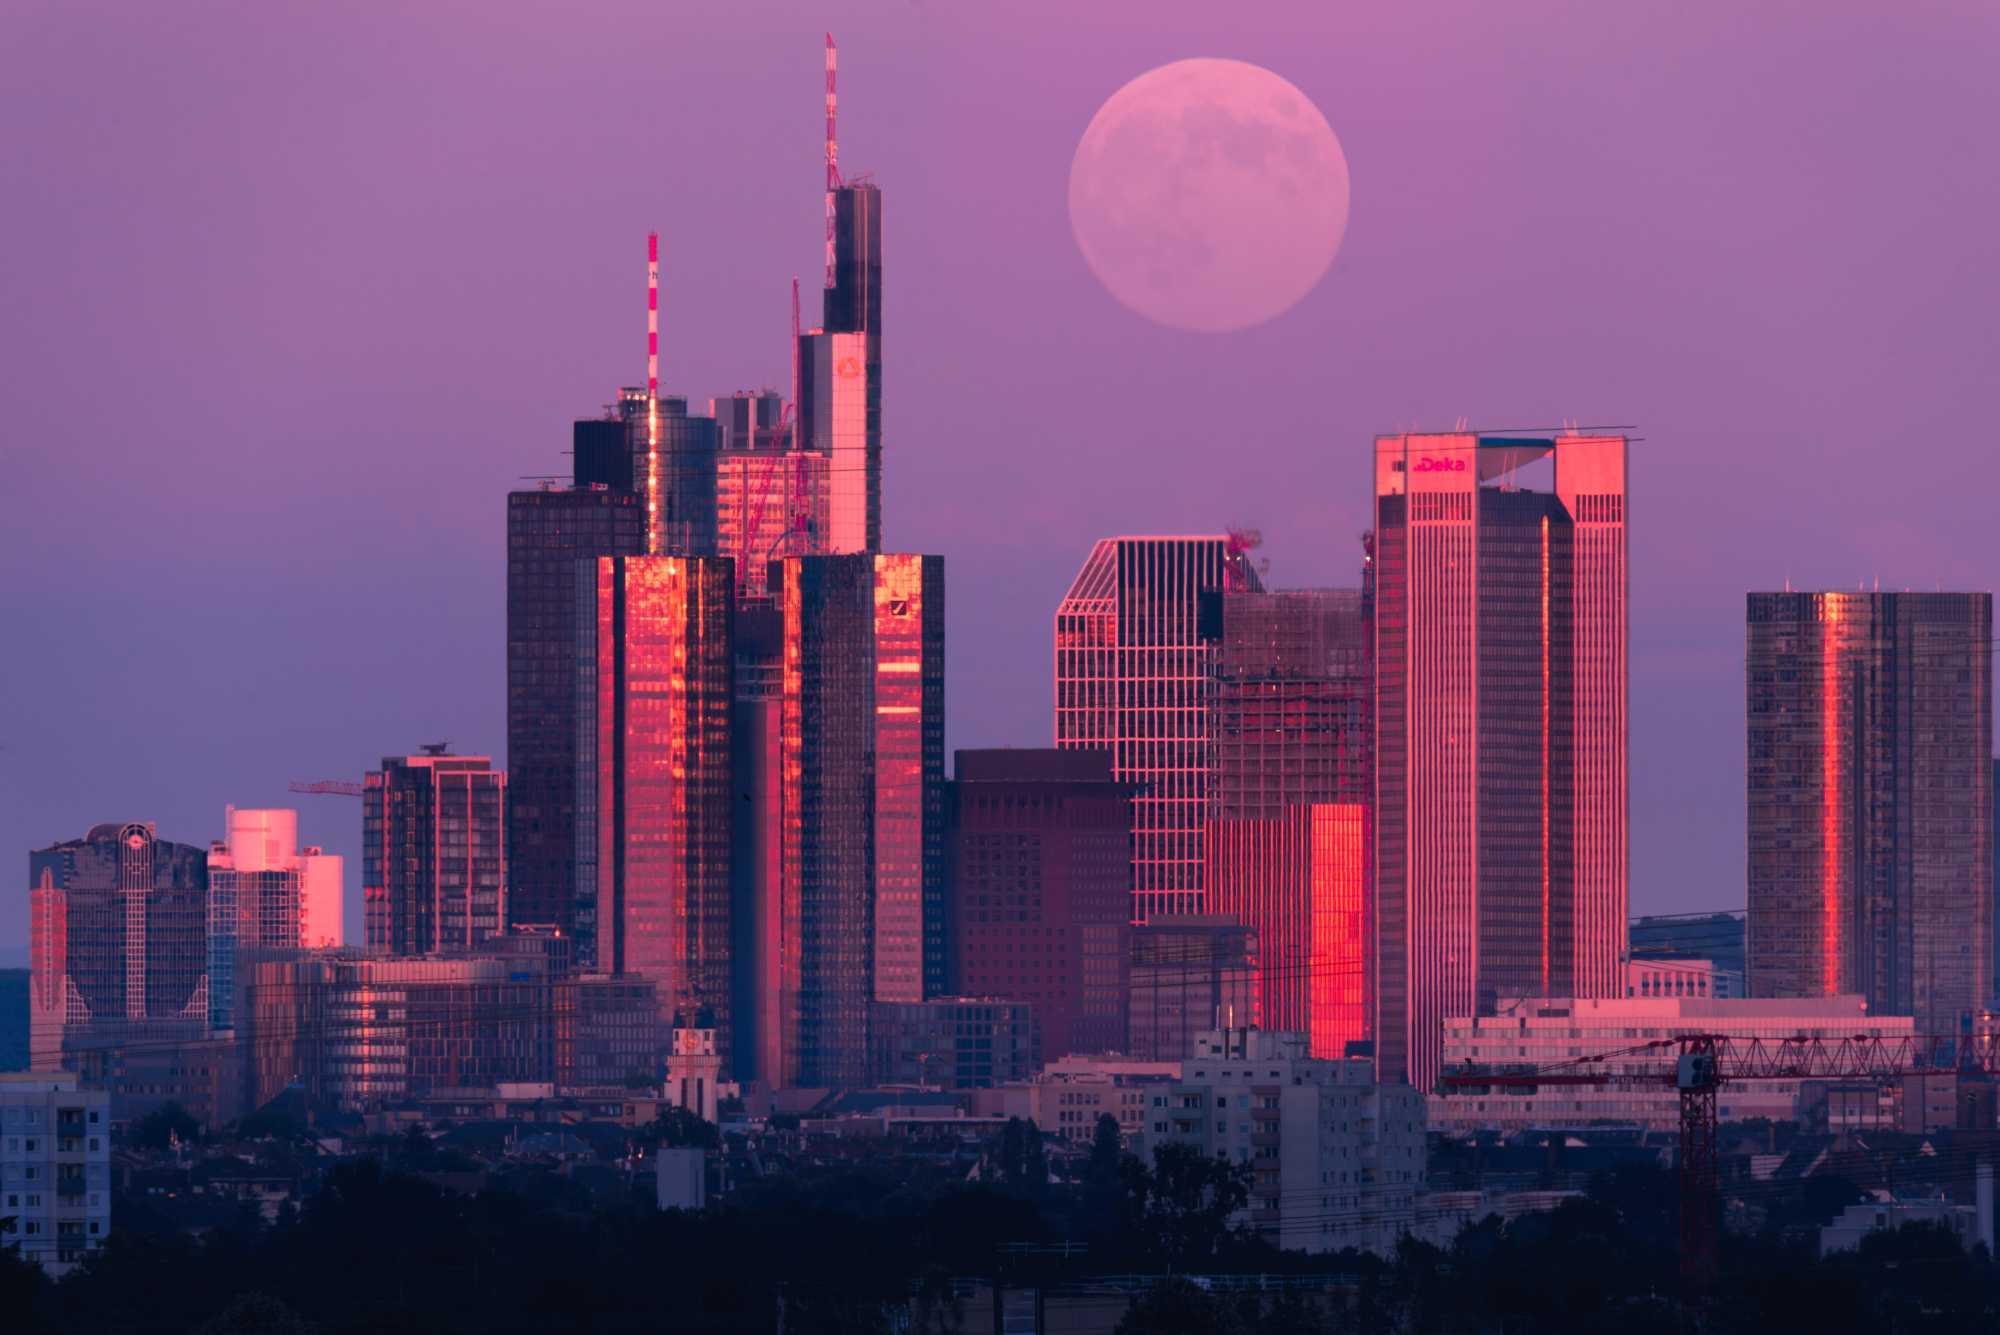 Der Mondaufgang hinter der Frankfurter Skyline. 150-600mm 600mm f/8 ISO400 1/5s